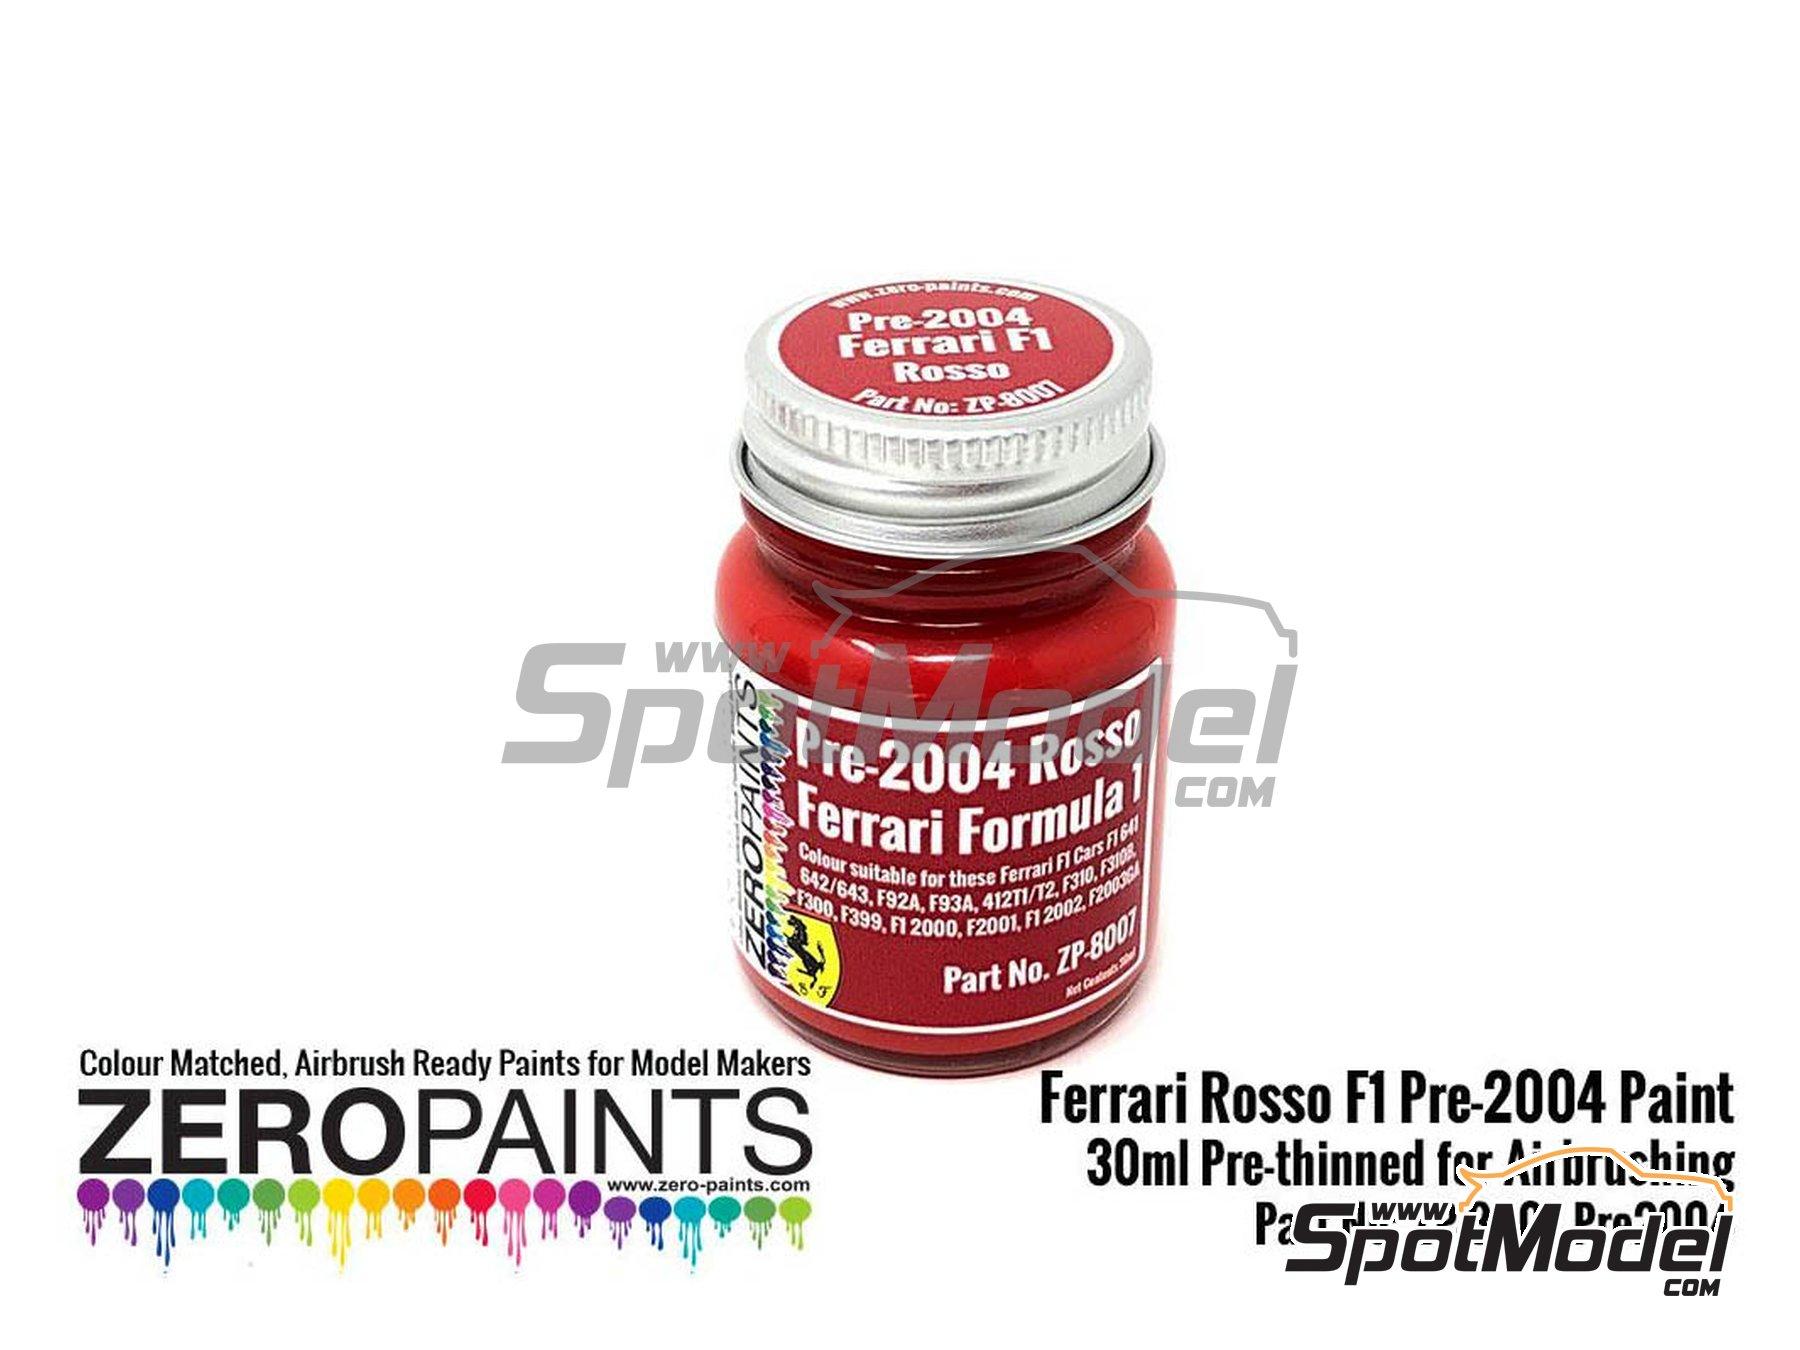 Image 1: Rojo Ferrari F1 pre-2004 - Ferrari Rosso Formula1 Pre-2004 - 1 x 30ml | Pintura fabricado por Zero Paints (ref.ZP-8007-PRE-2004)